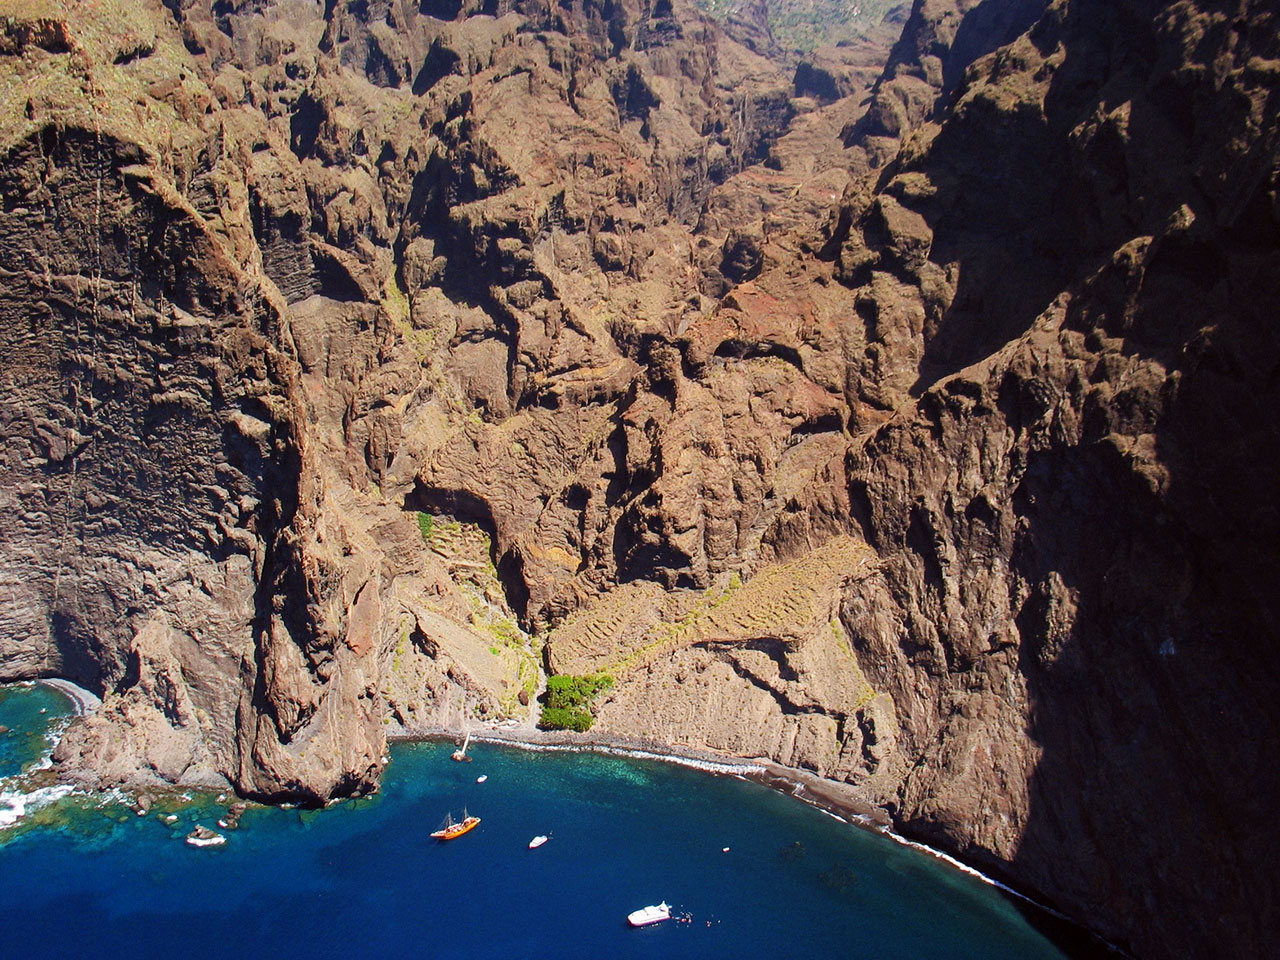 Imagen Barranco de Masca visto desde el mar